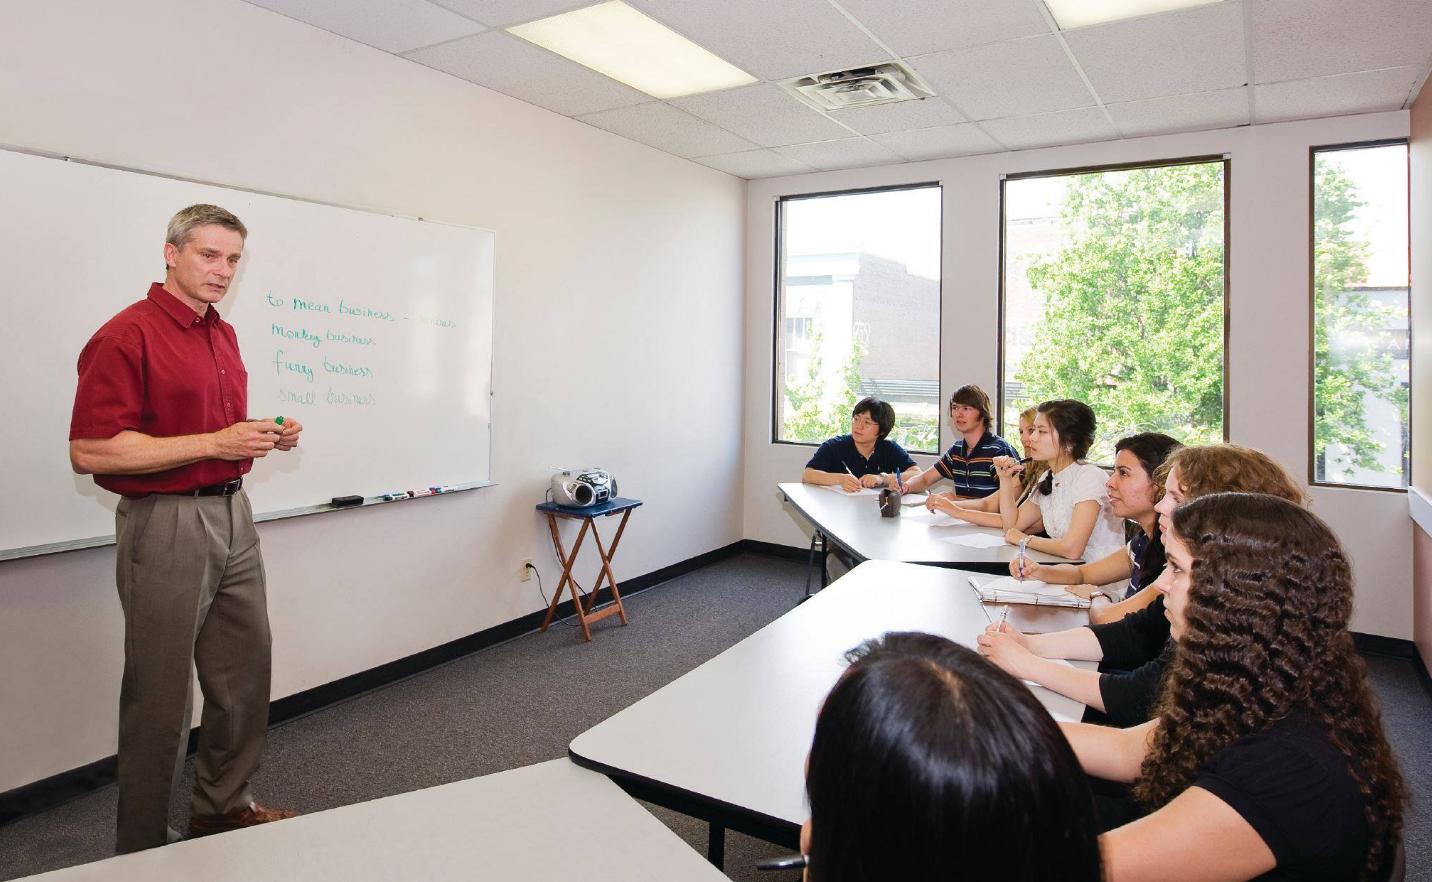 Бизнес-идея частного лингвистического центра